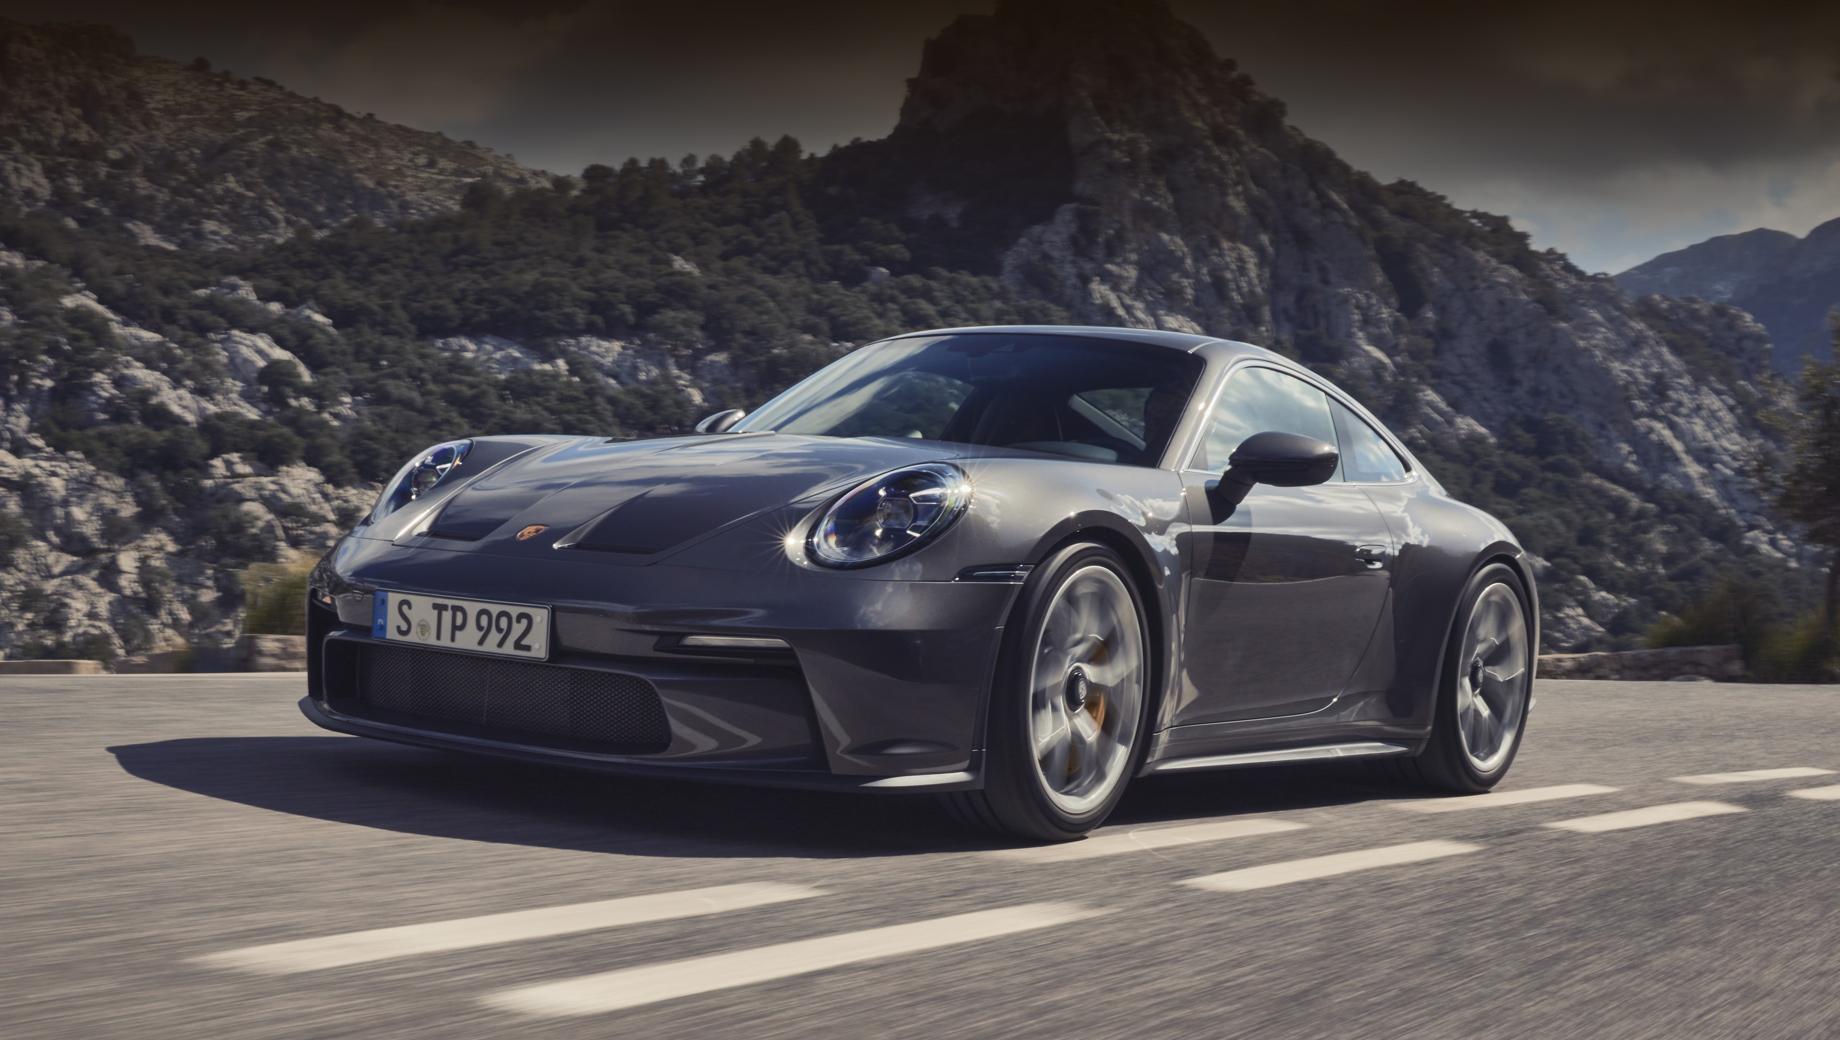 Porsche 911,Porsche 911 gt3,Porsche 911 gt3 touring. Внешне GT3 Touring очень близок к простому GT3, но статичного антикрыла нет (вместо него трудится выдвигающийся спойлер), бампер окрашен в цвет кузова полностью, а окантовка боковых стёкол тут серебристая (из анодированного алюминия) вместо чёрной.